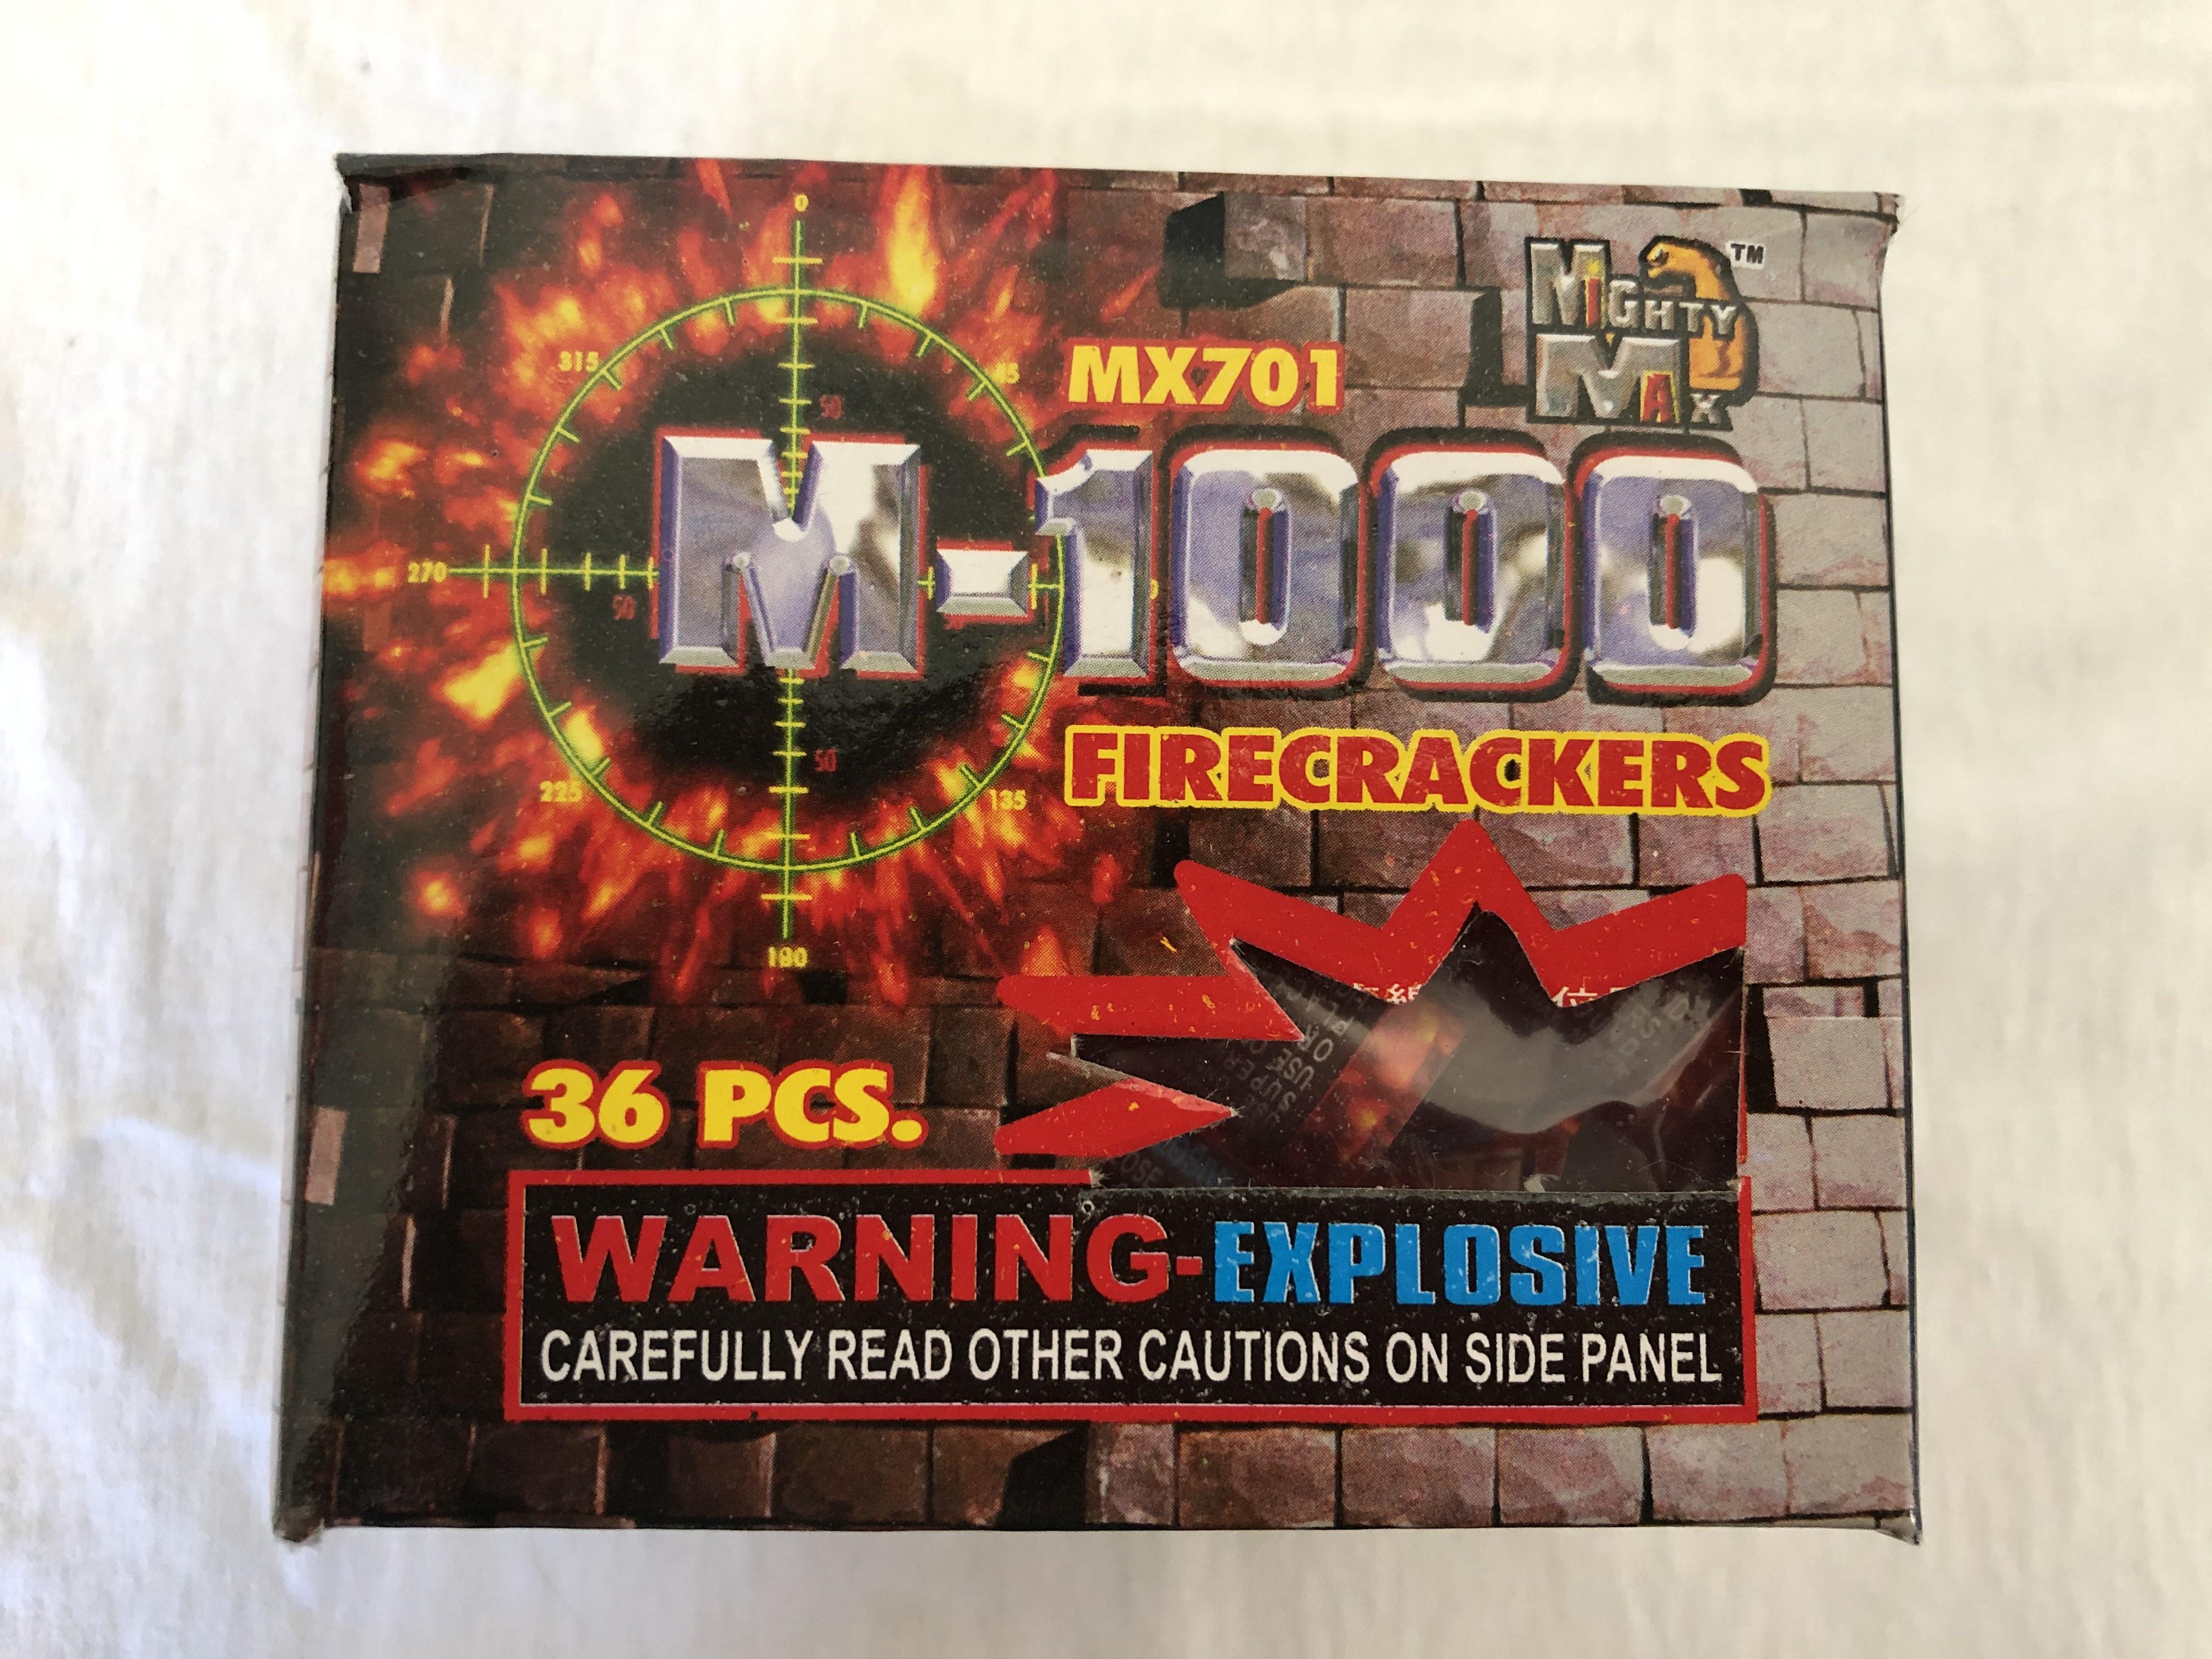 M-1000 firecrackers